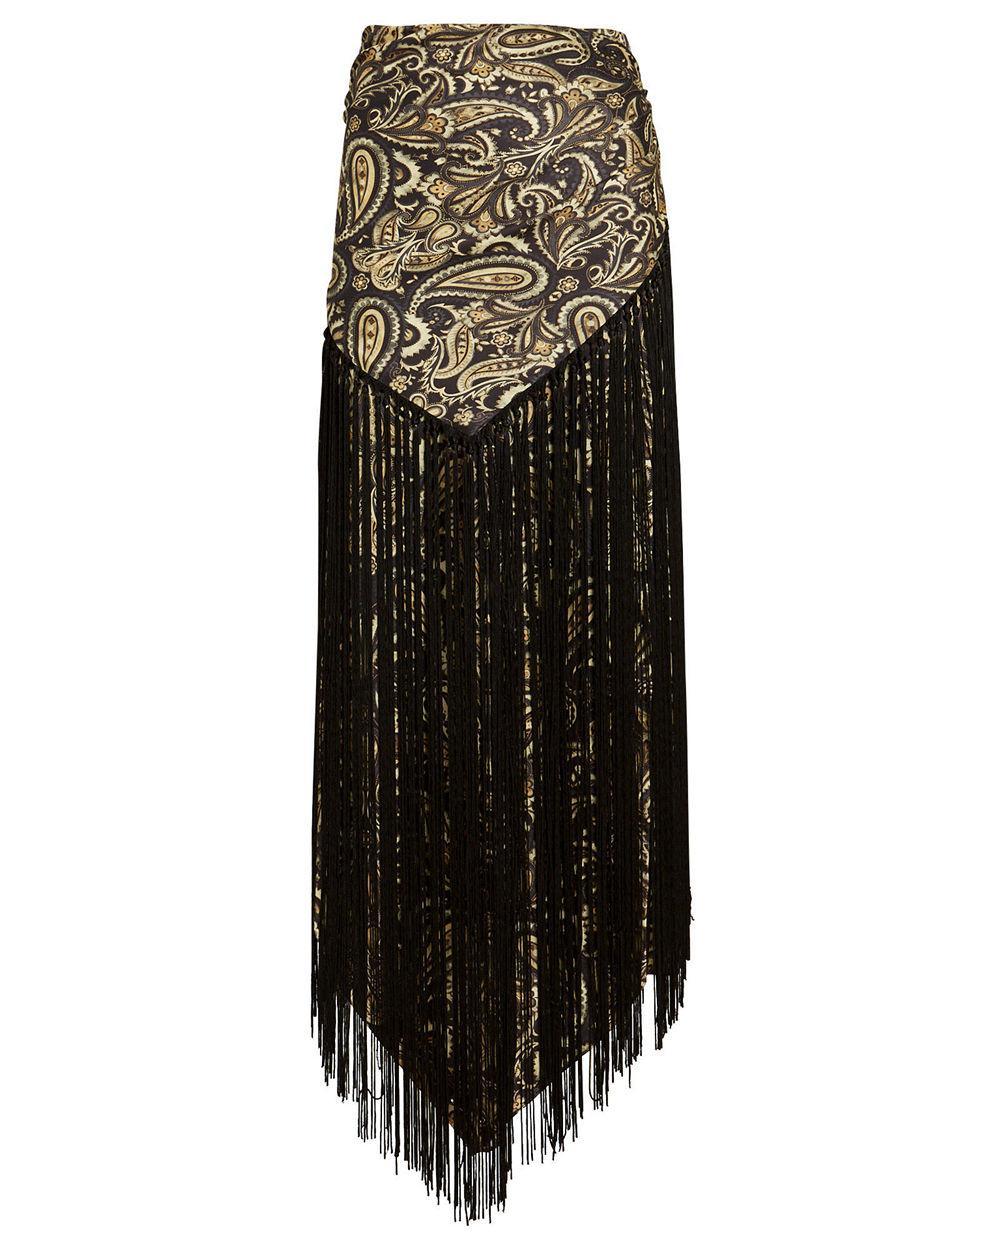 Nala Skirt Item # 520-3024-T